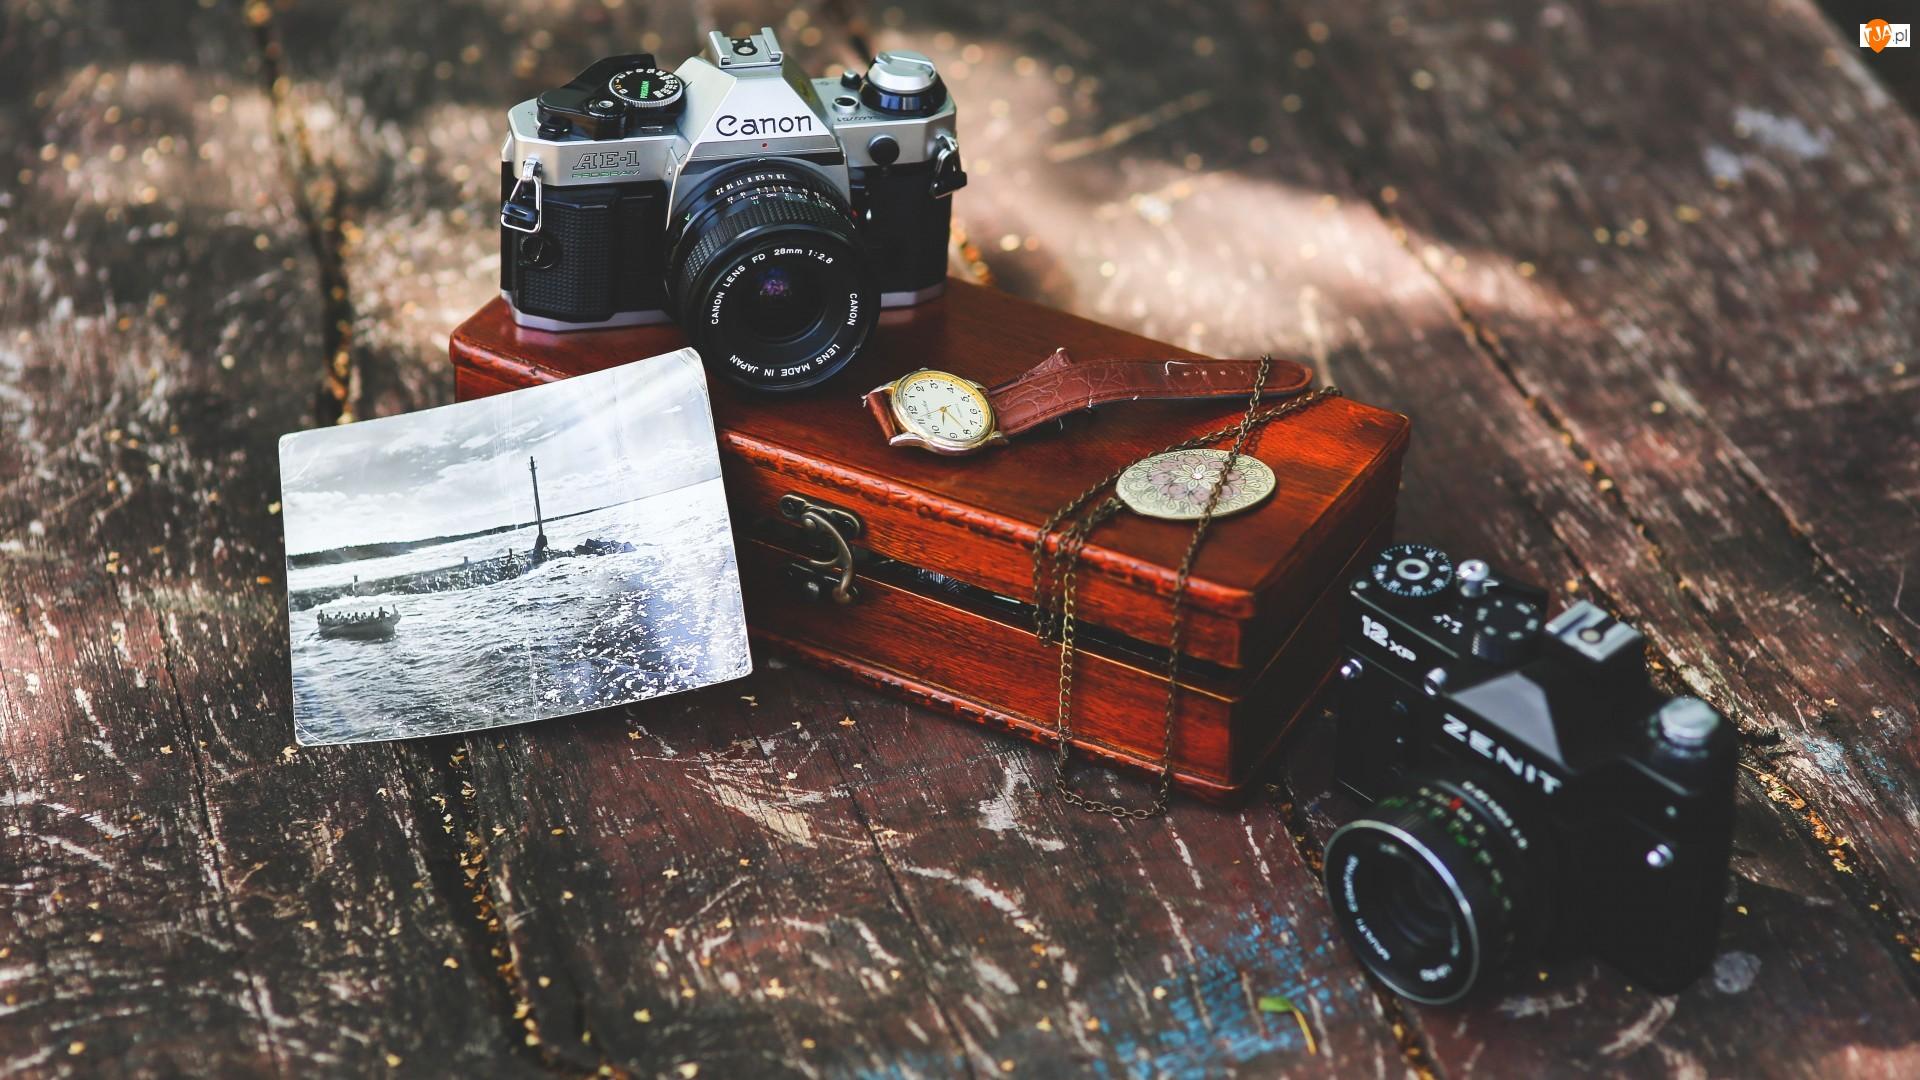 Szkatułka, Kompozycja, Canon, Aparaty fotograficzne, Zenit